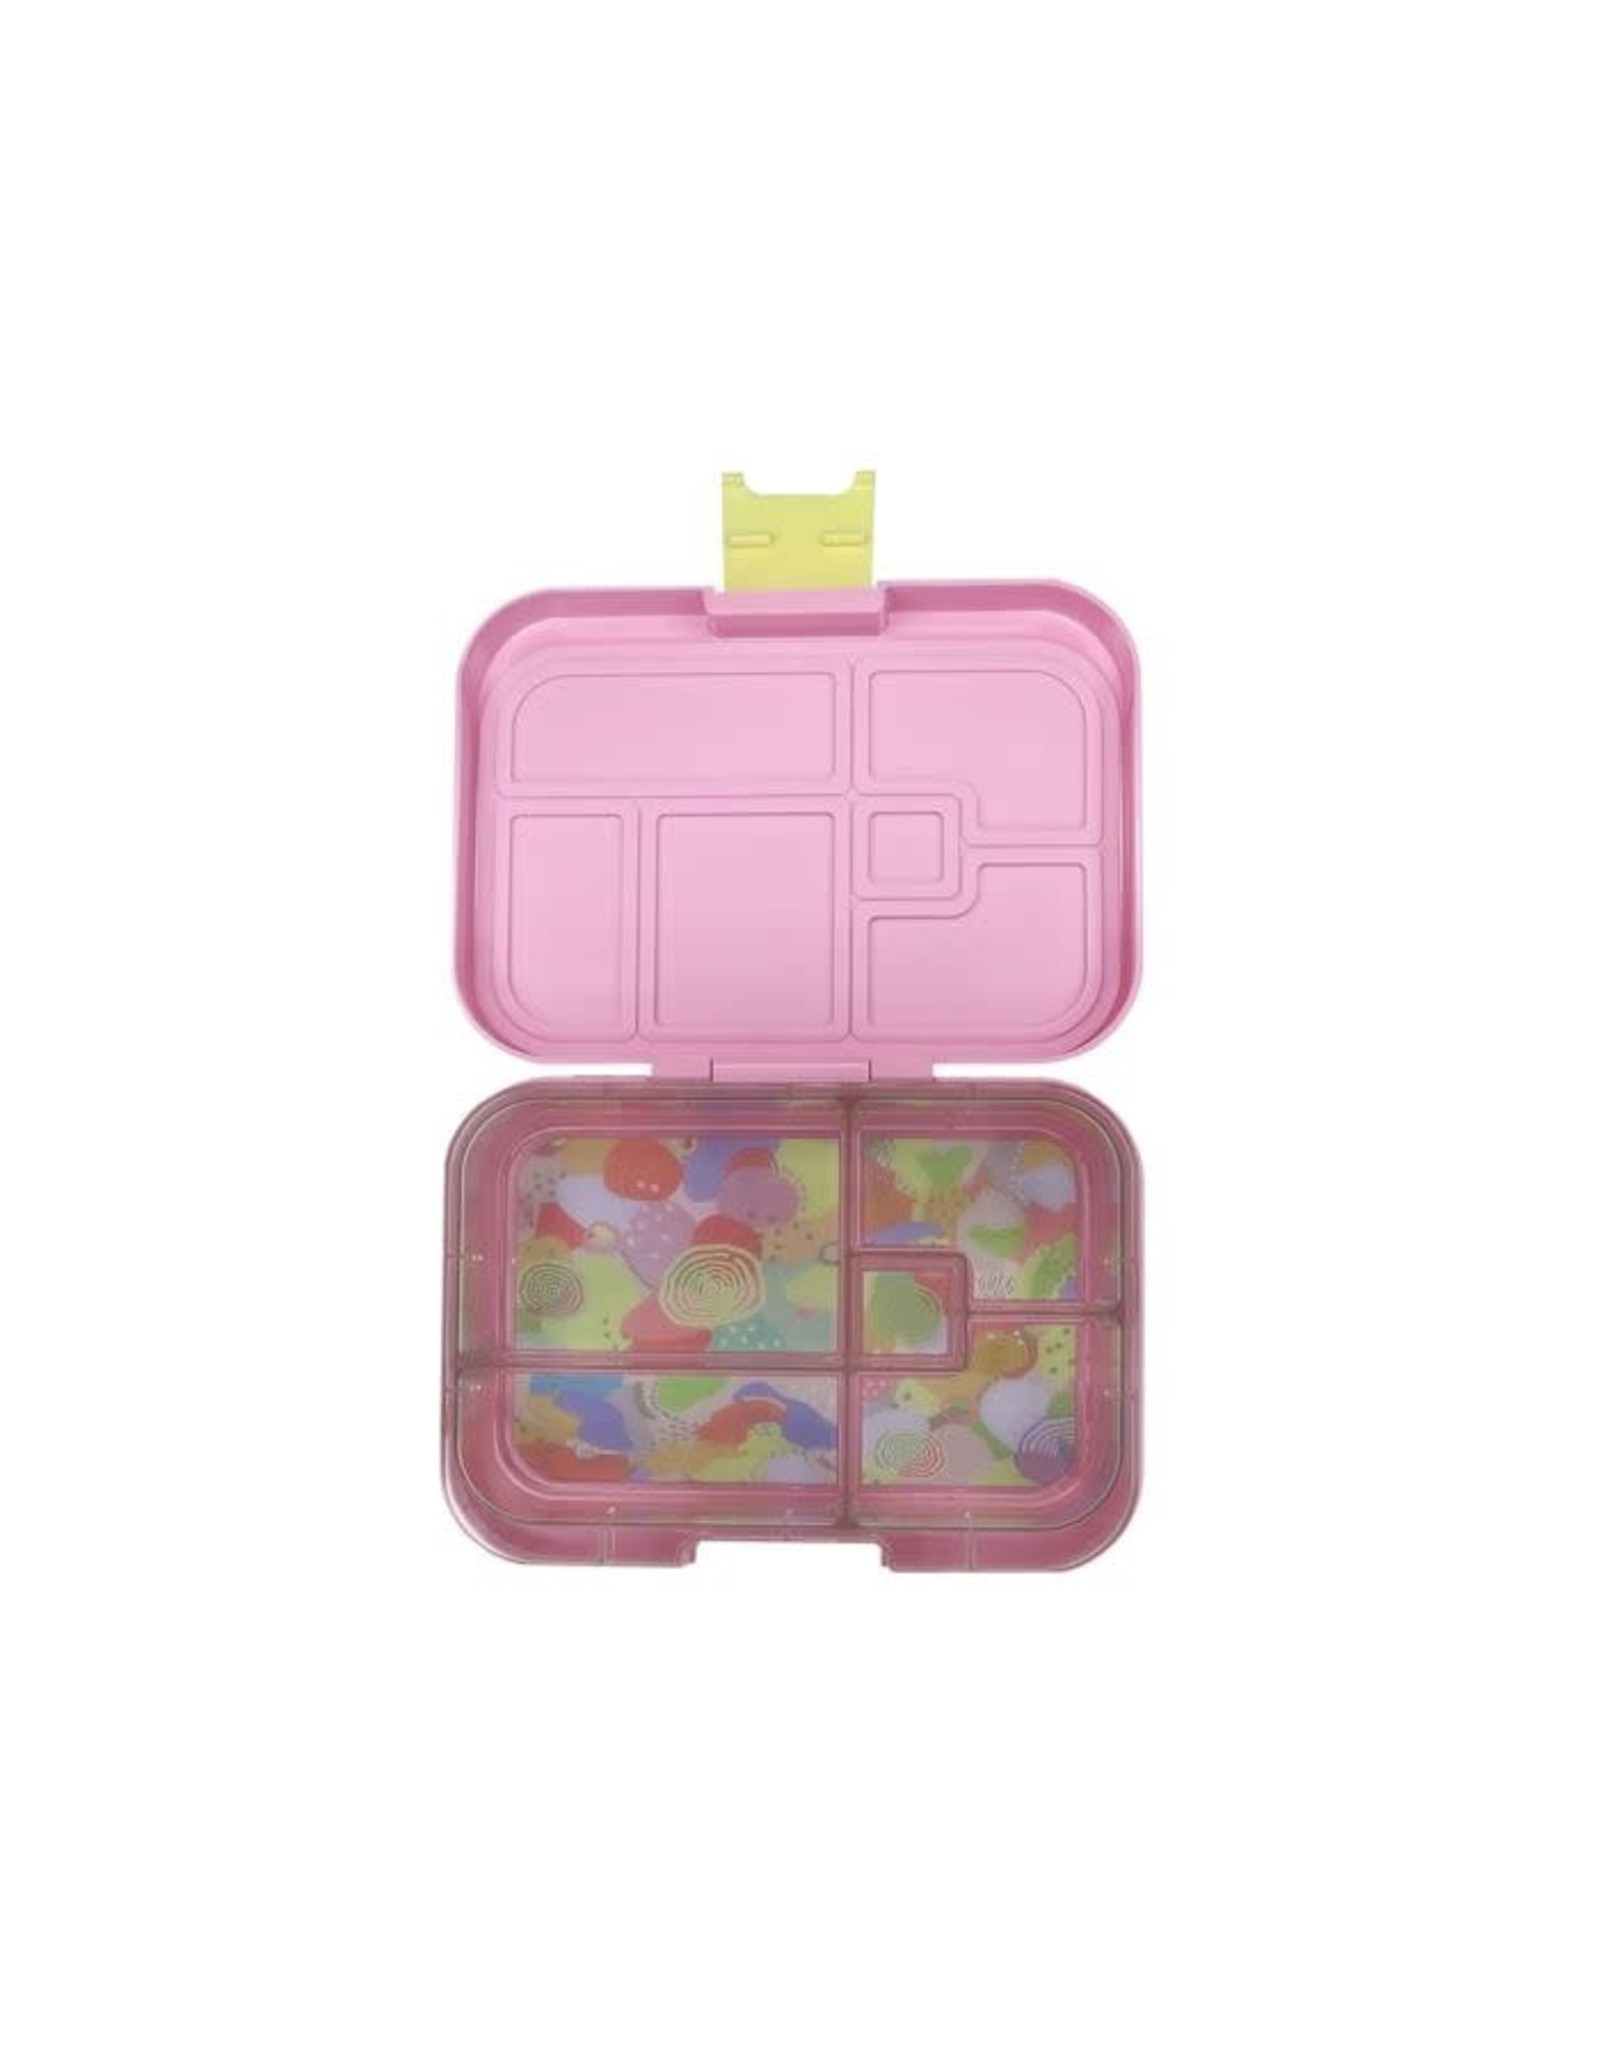 MunchBox Munchbox Midi5, Pink Flamingo